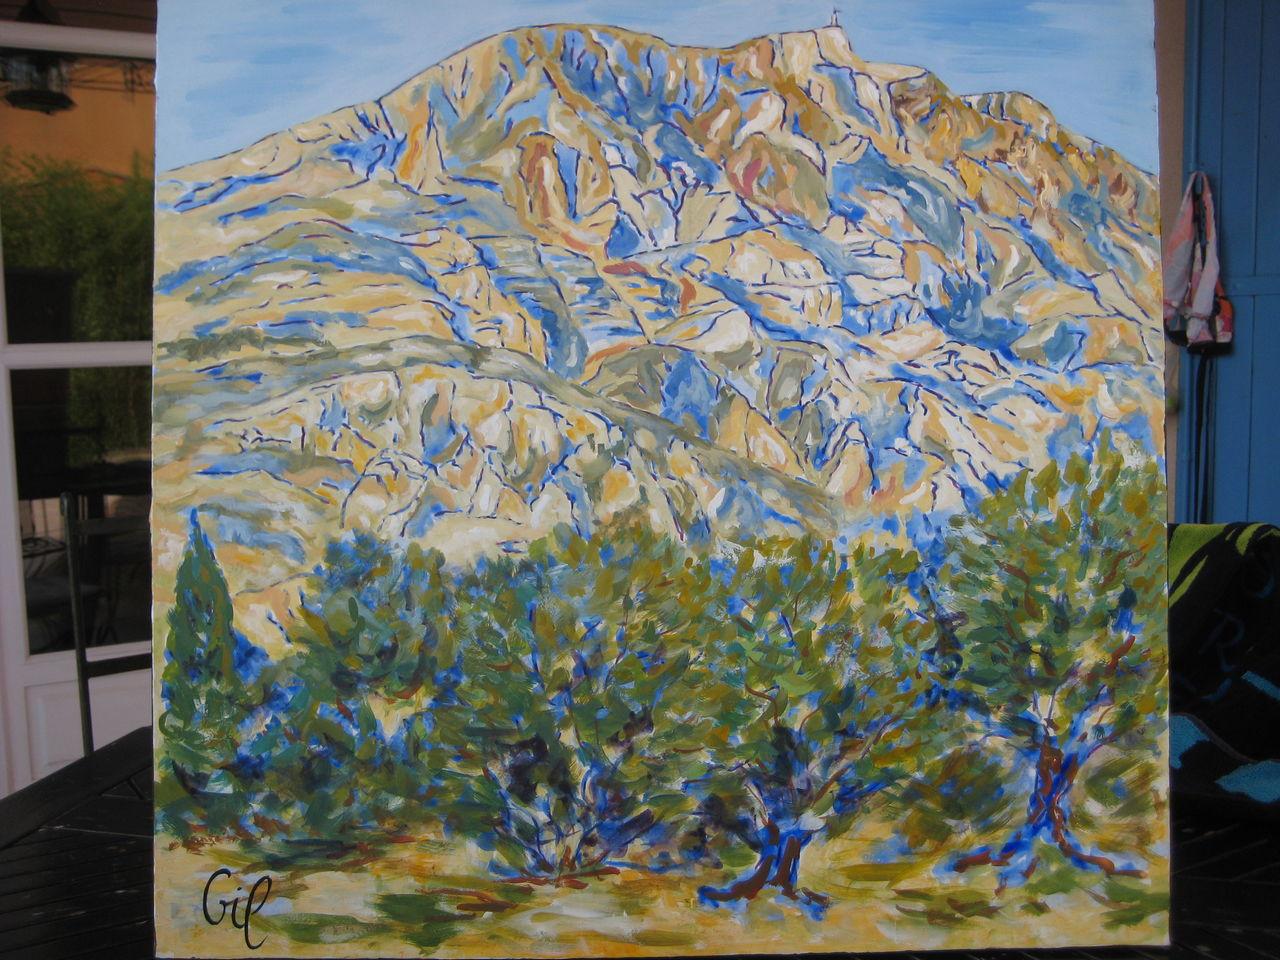 lGil au pays de cezanne - les oliviers